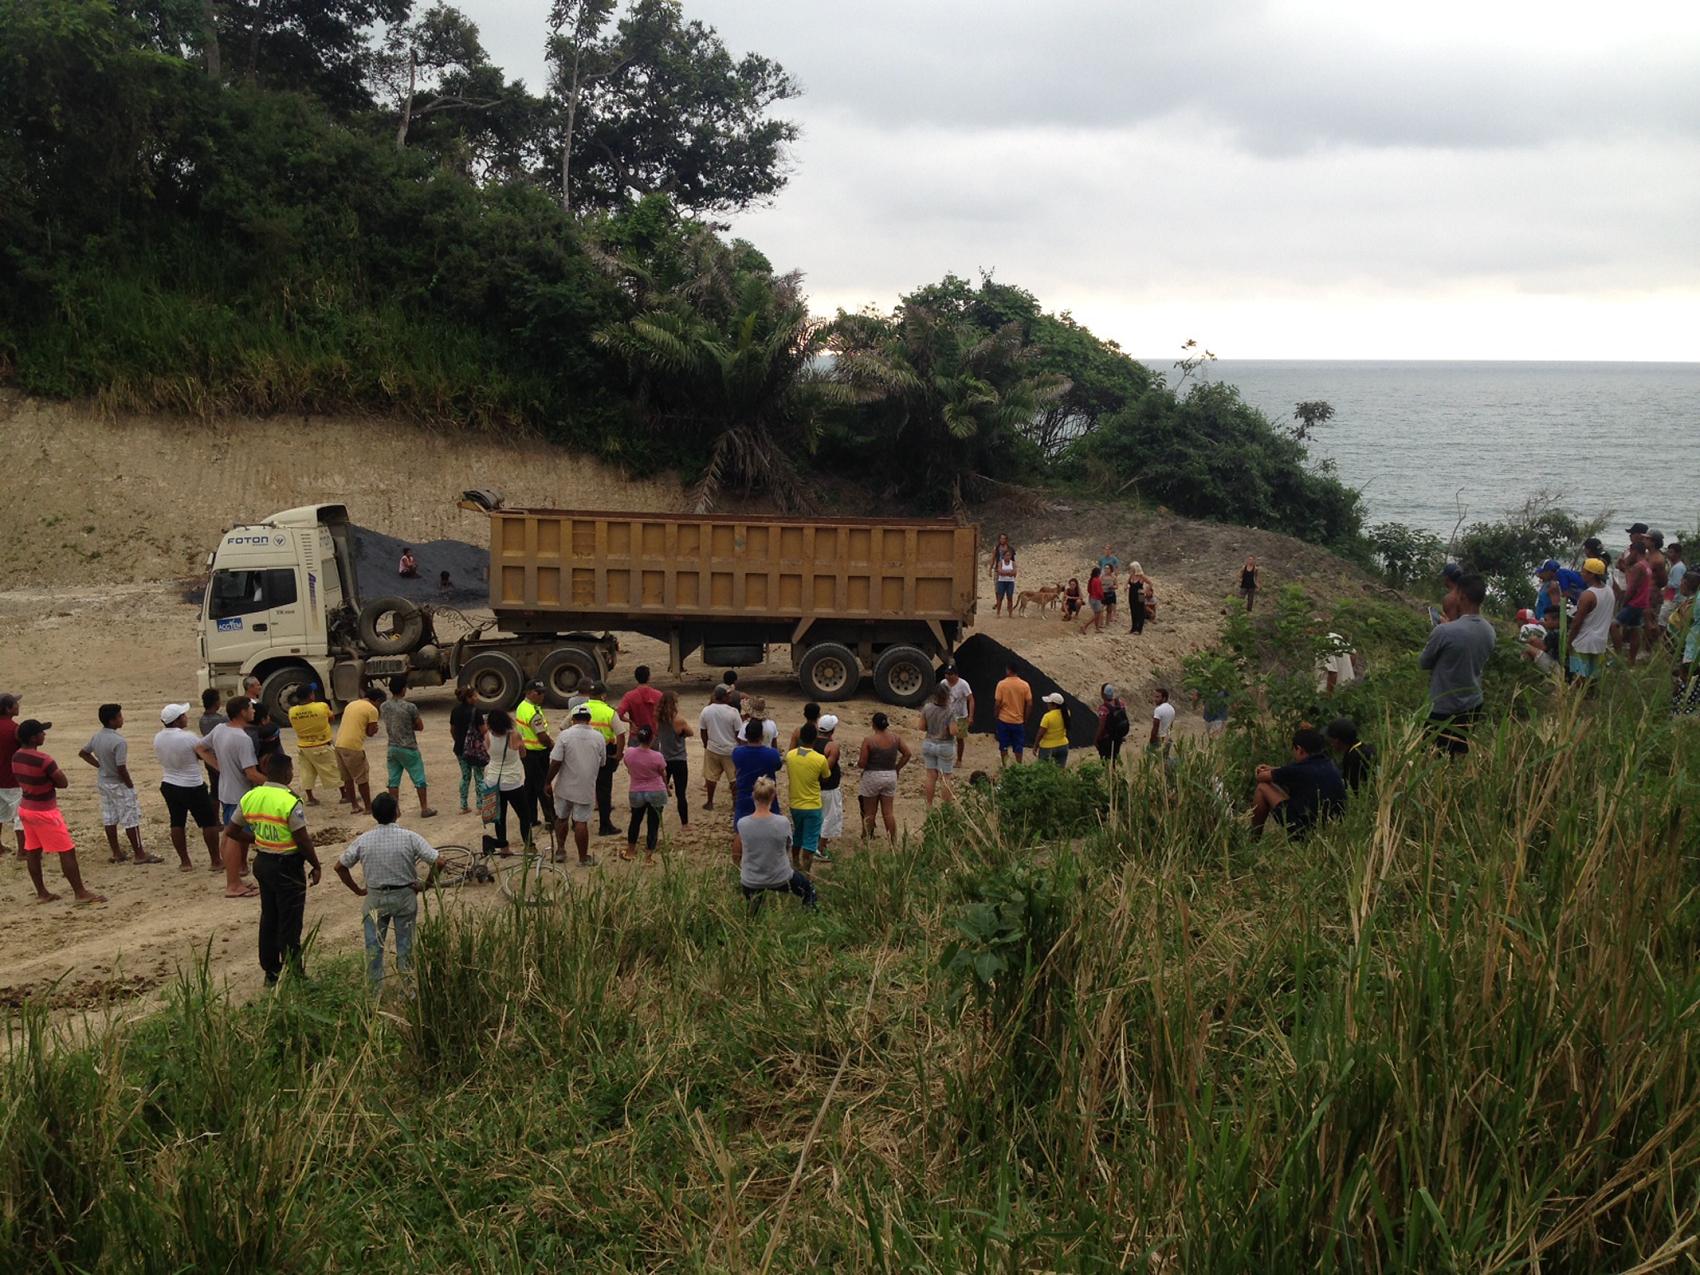 Playa Negra de Mompiche está en la zona de amortiguamiento de la Reserva Marina Galera-San Francisco, que se ubica cerca a la frontera con Colombia. Foto: Comuna de Mompiche.